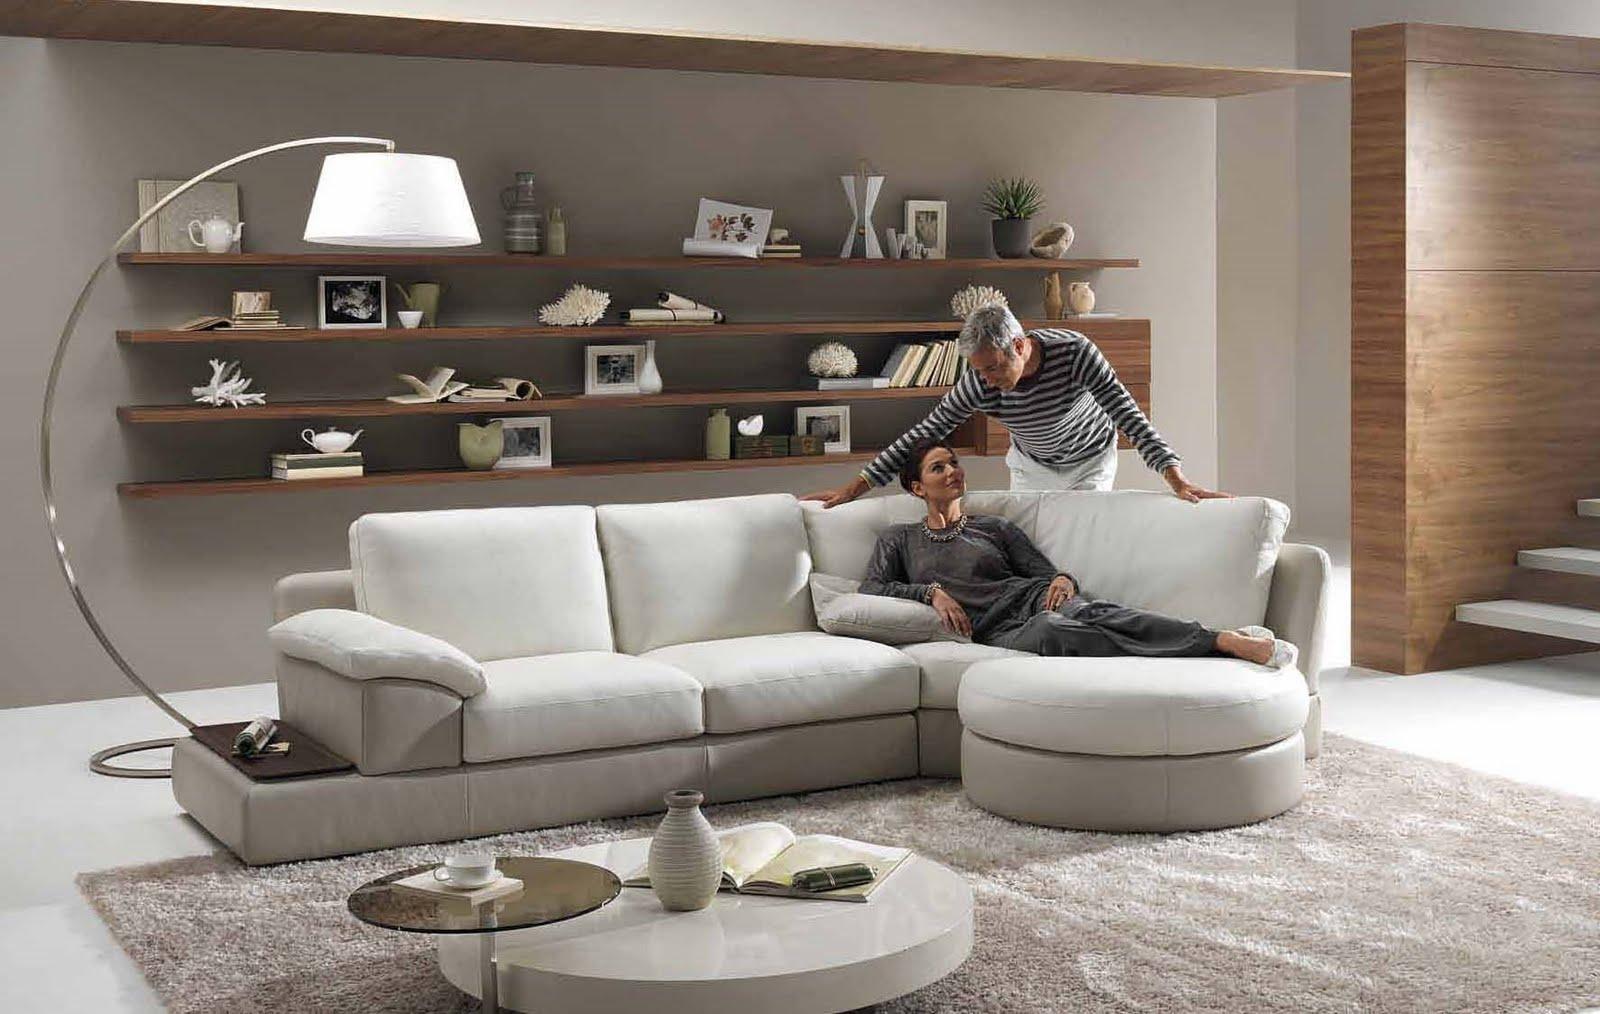 家就应该这样子 完美客厅范本